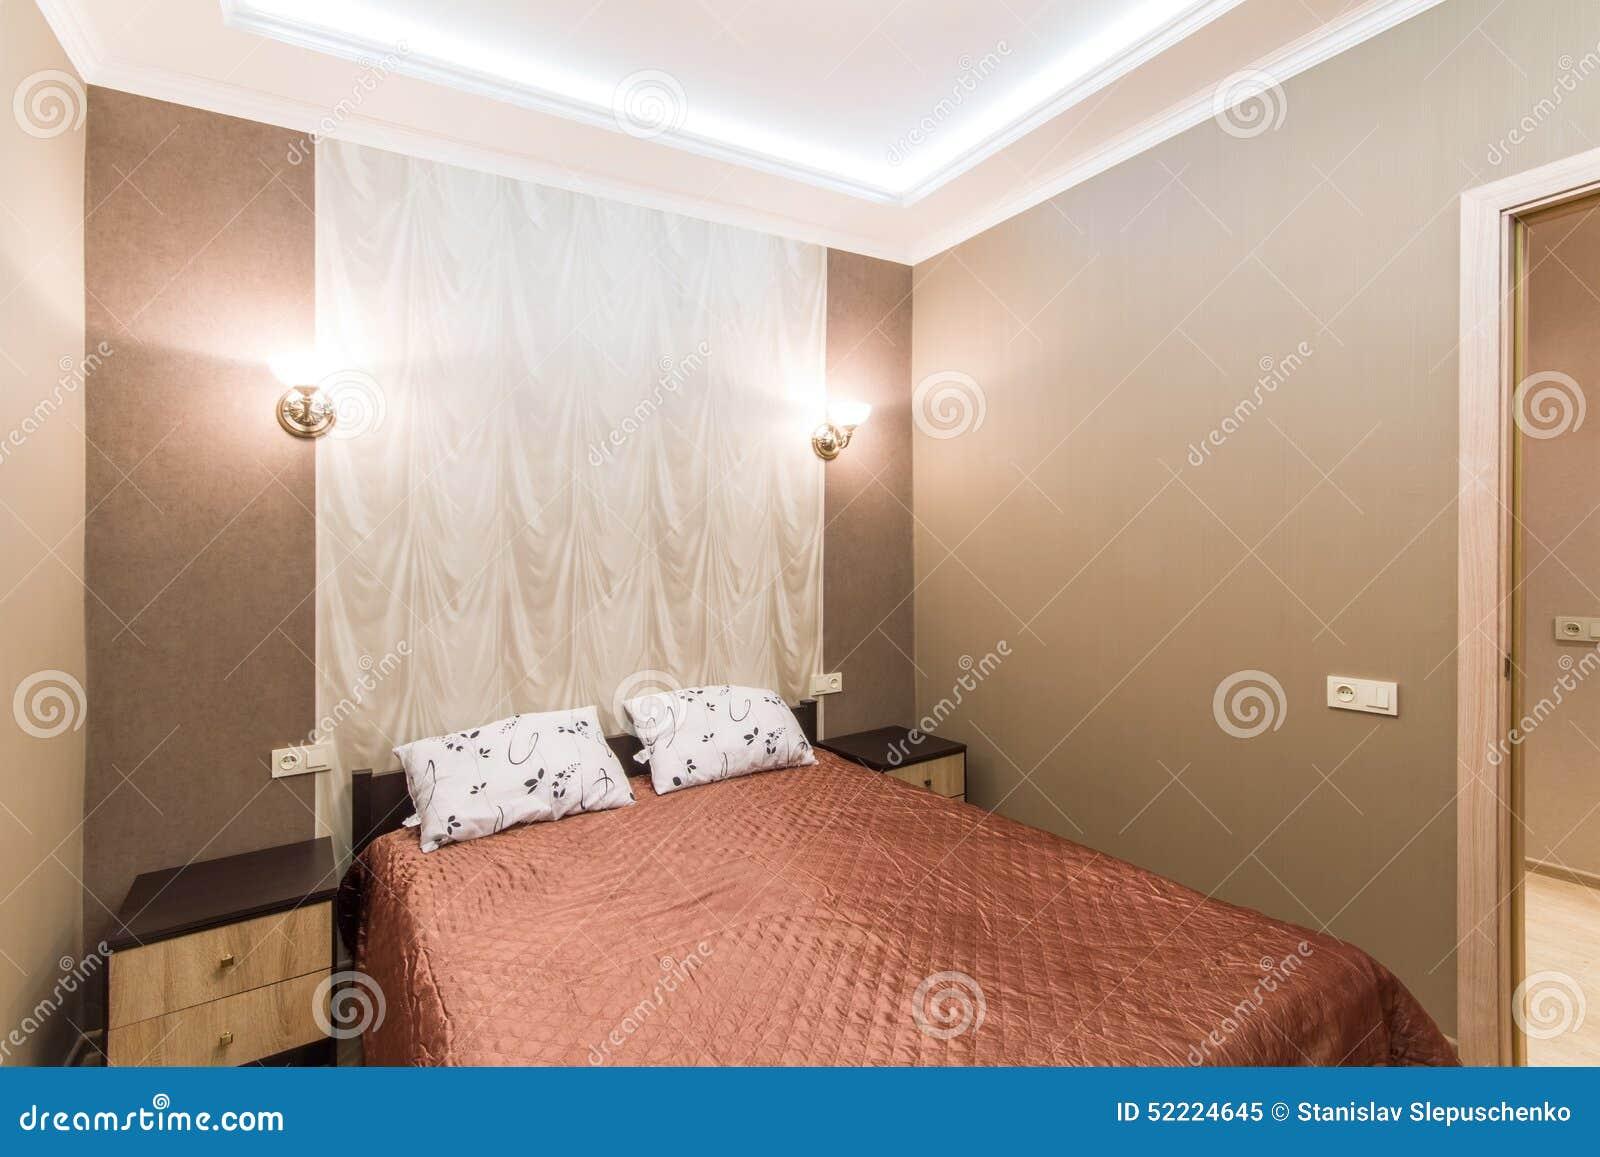 lit double petite chambre chambre queyras lit double king size chambre spacieuse vote avec vue. Black Bedroom Furniture Sets. Home Design Ideas